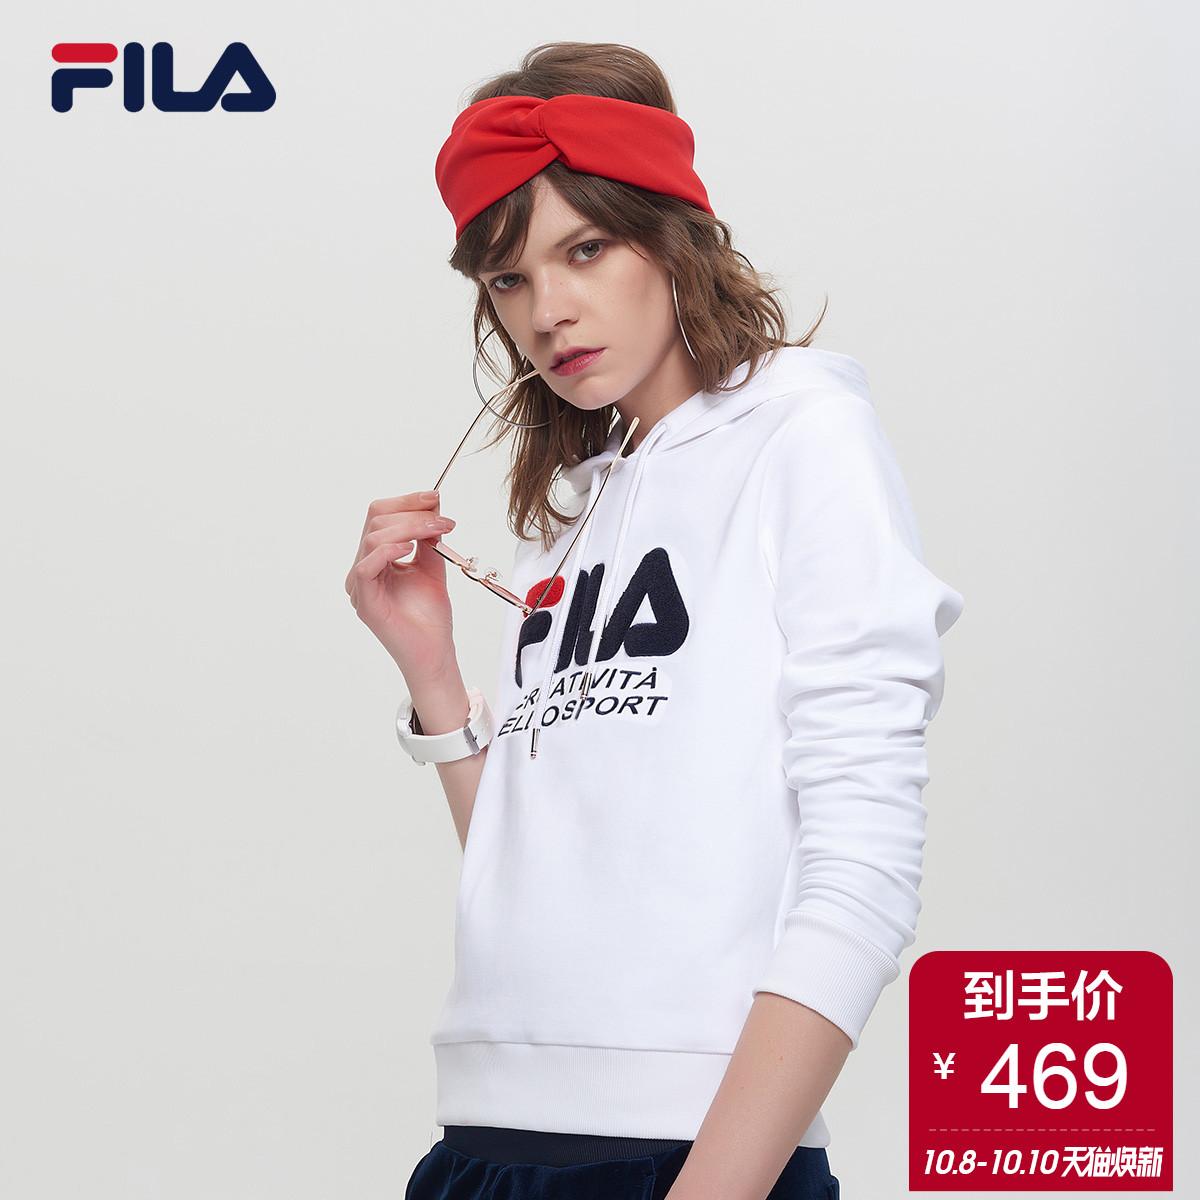 Купить из Китая Одежда спортивная / Сумки спортивные / Аксессуары через интернет магазин internetvitrina.ru - посредник таобао на русском языке